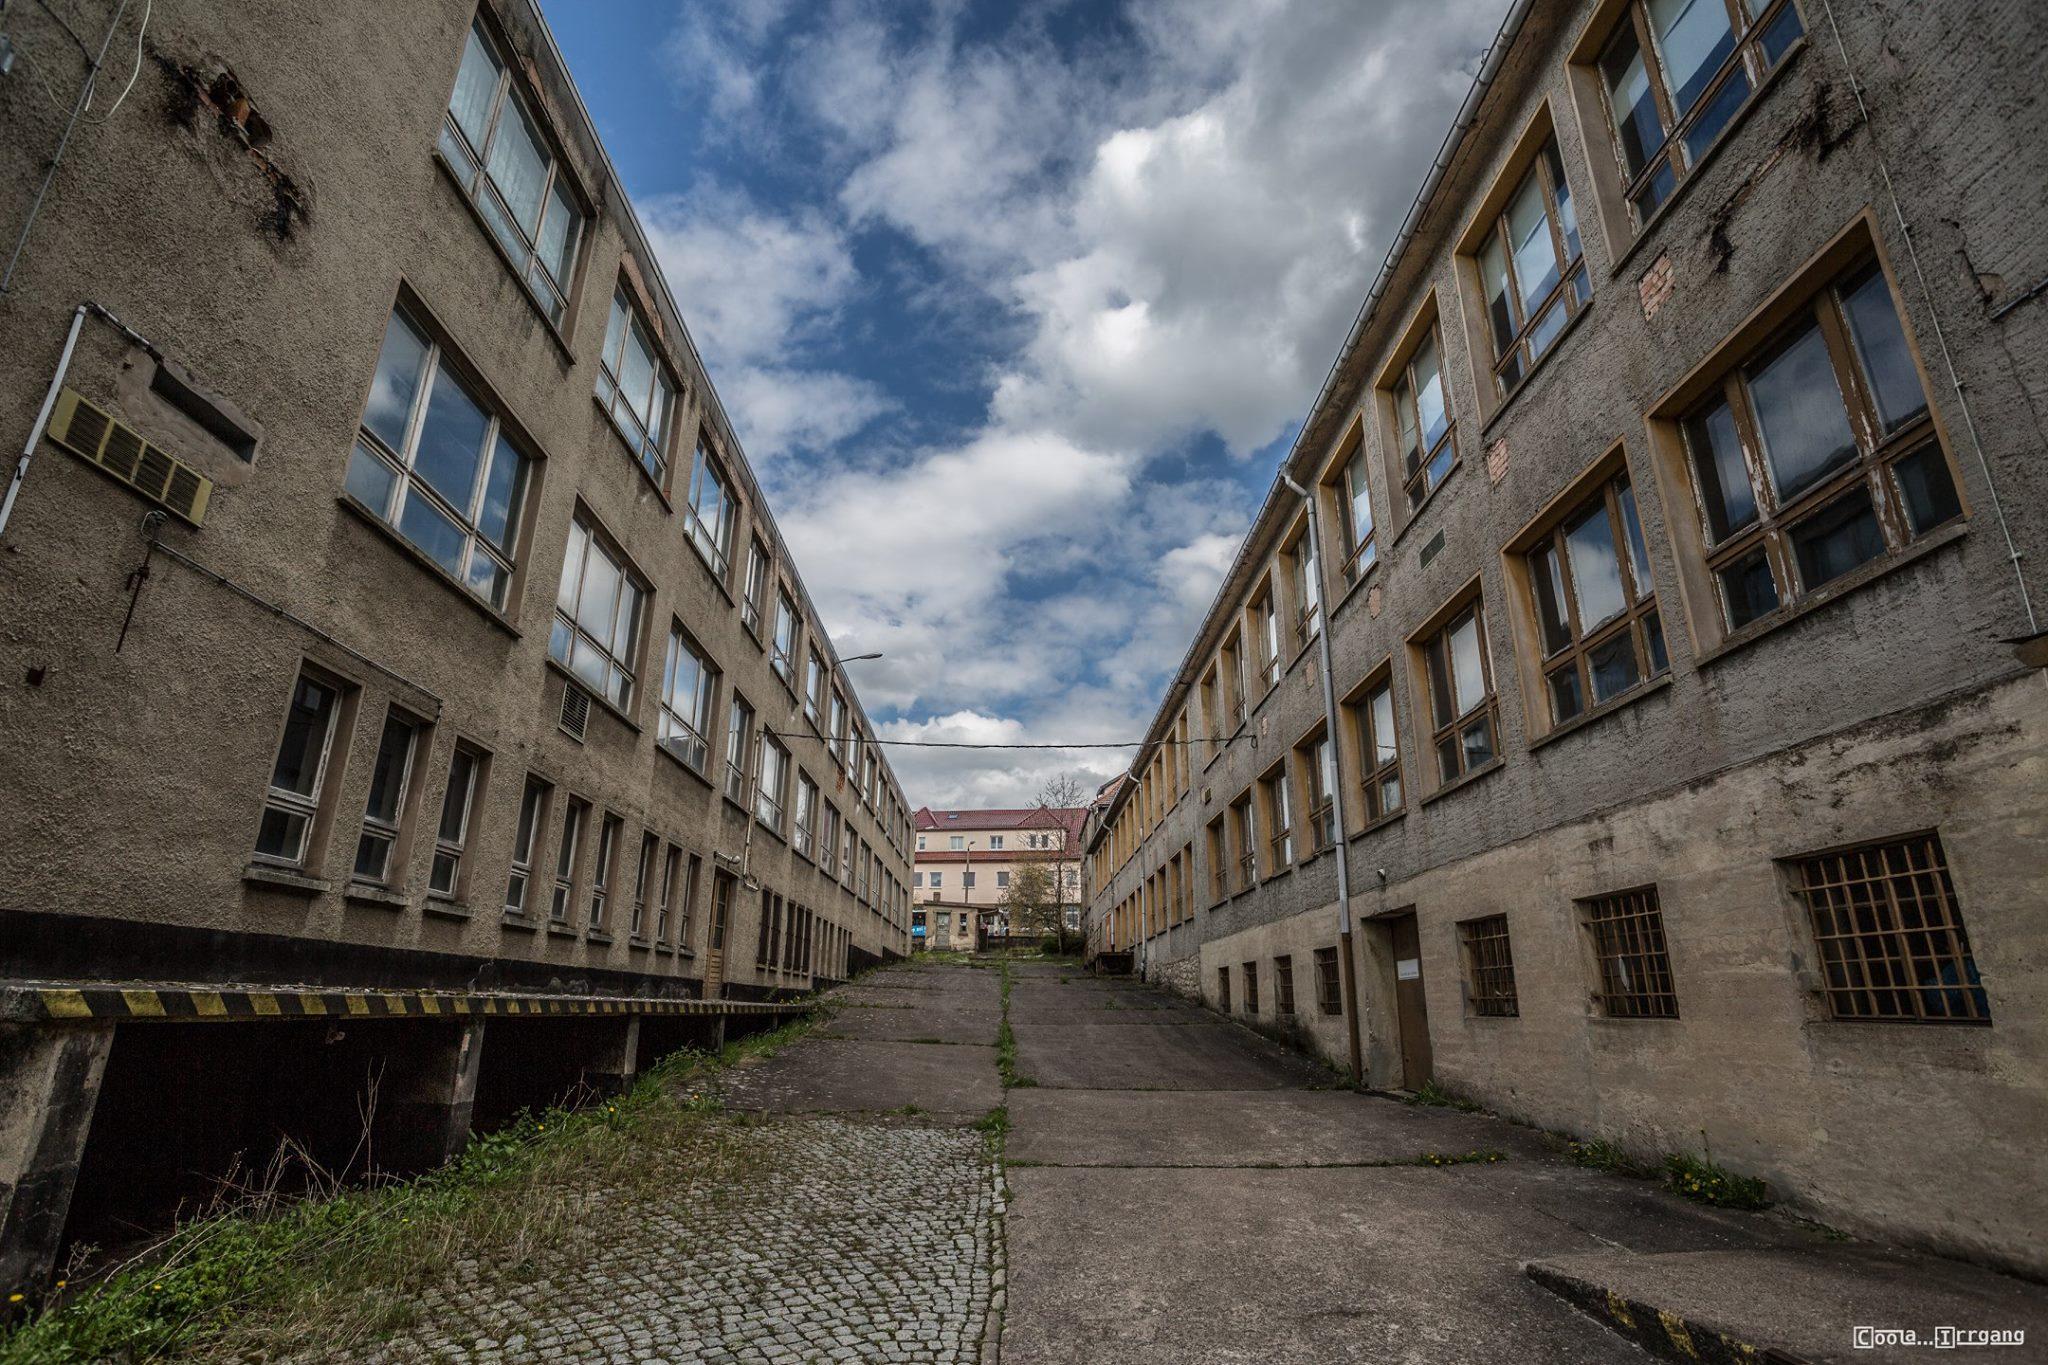 Strumpfwarenfabrik Diedorf28